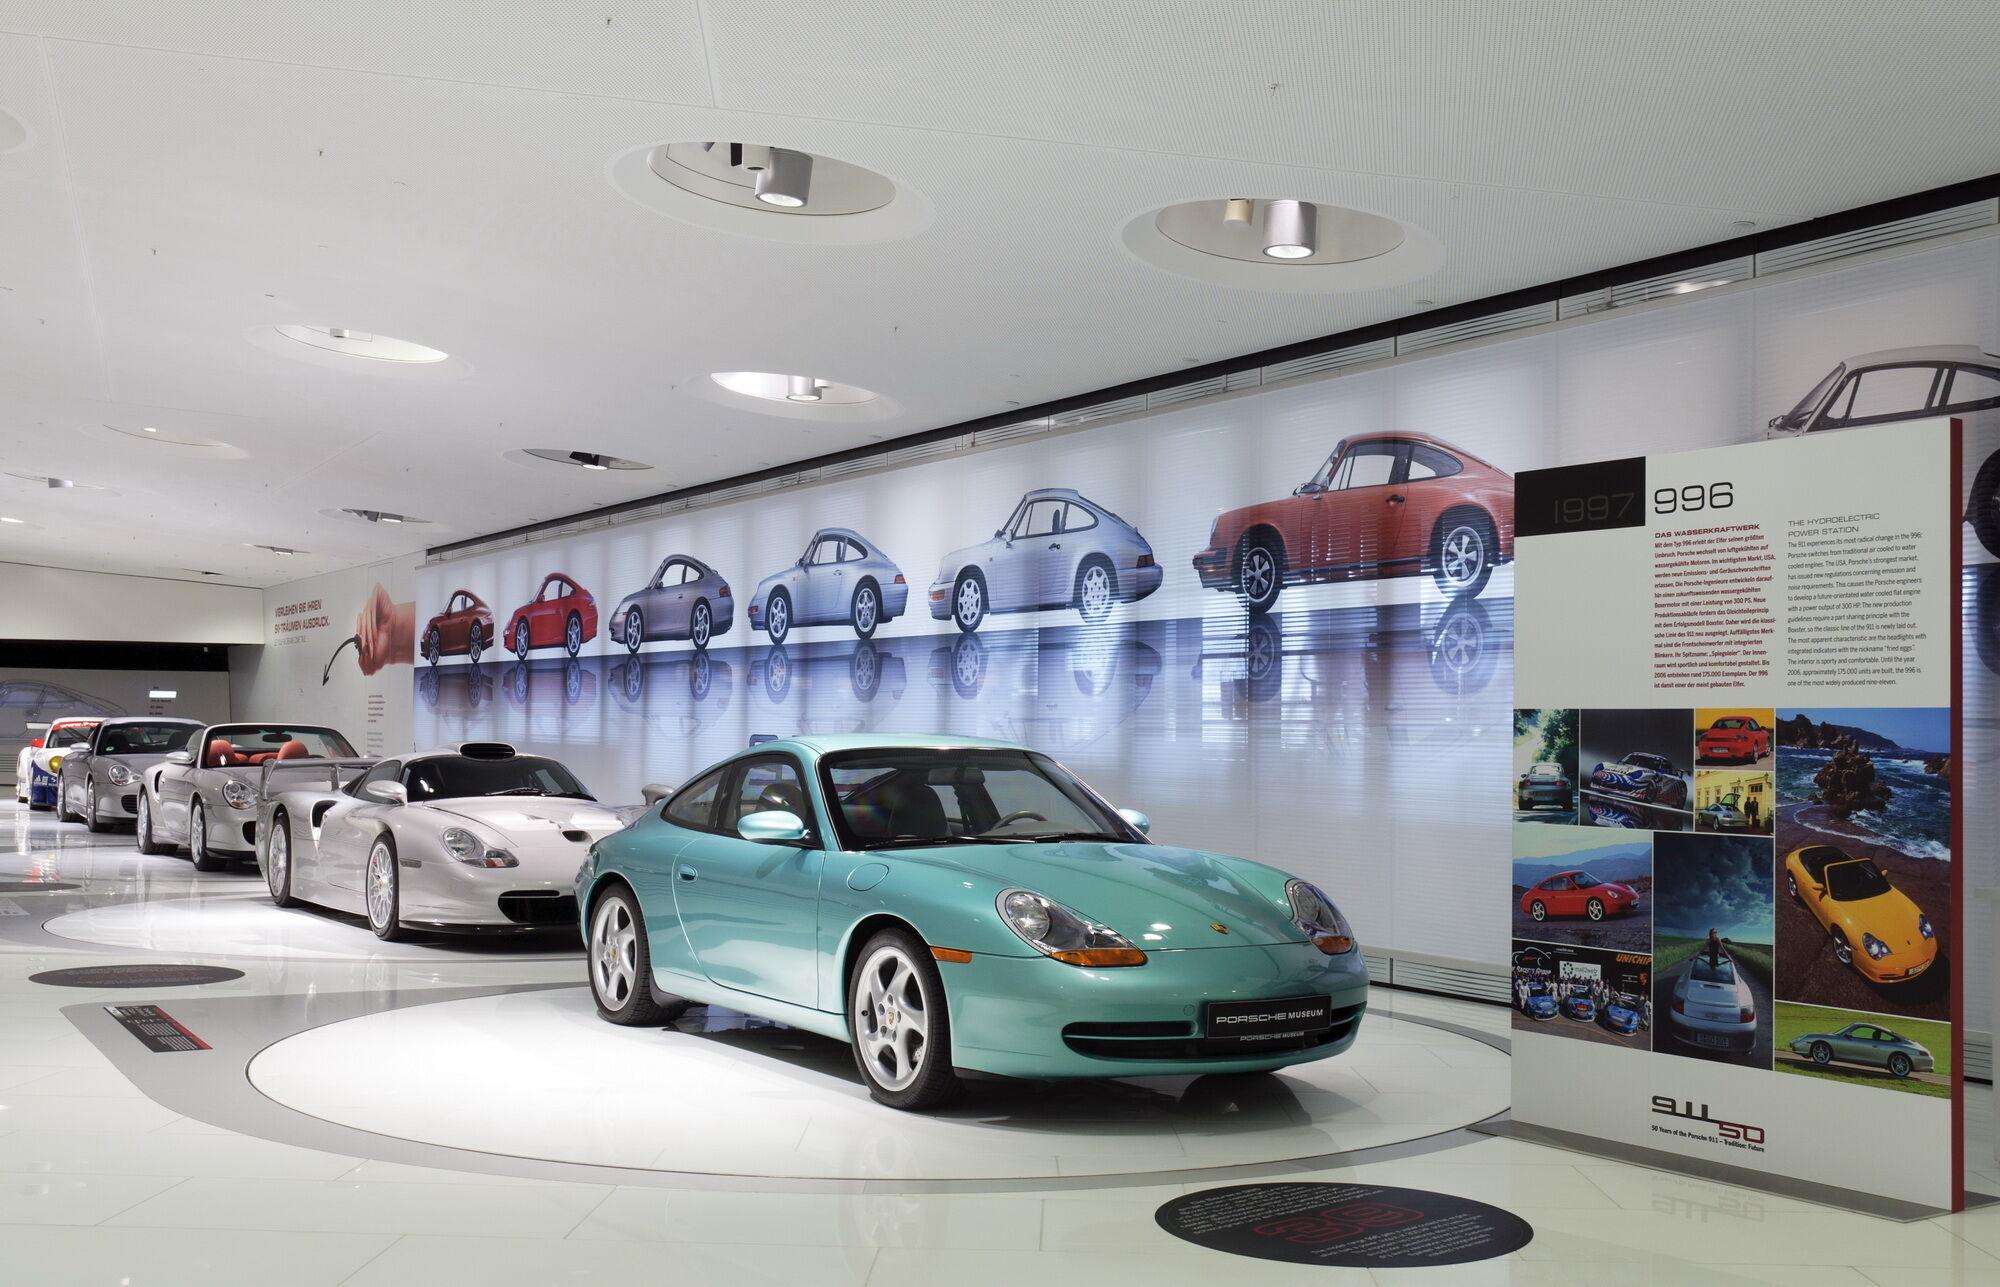 Единственный в мире пуленепробиваемый Porsche 911 находится в музее компании в Цуффенхаузене